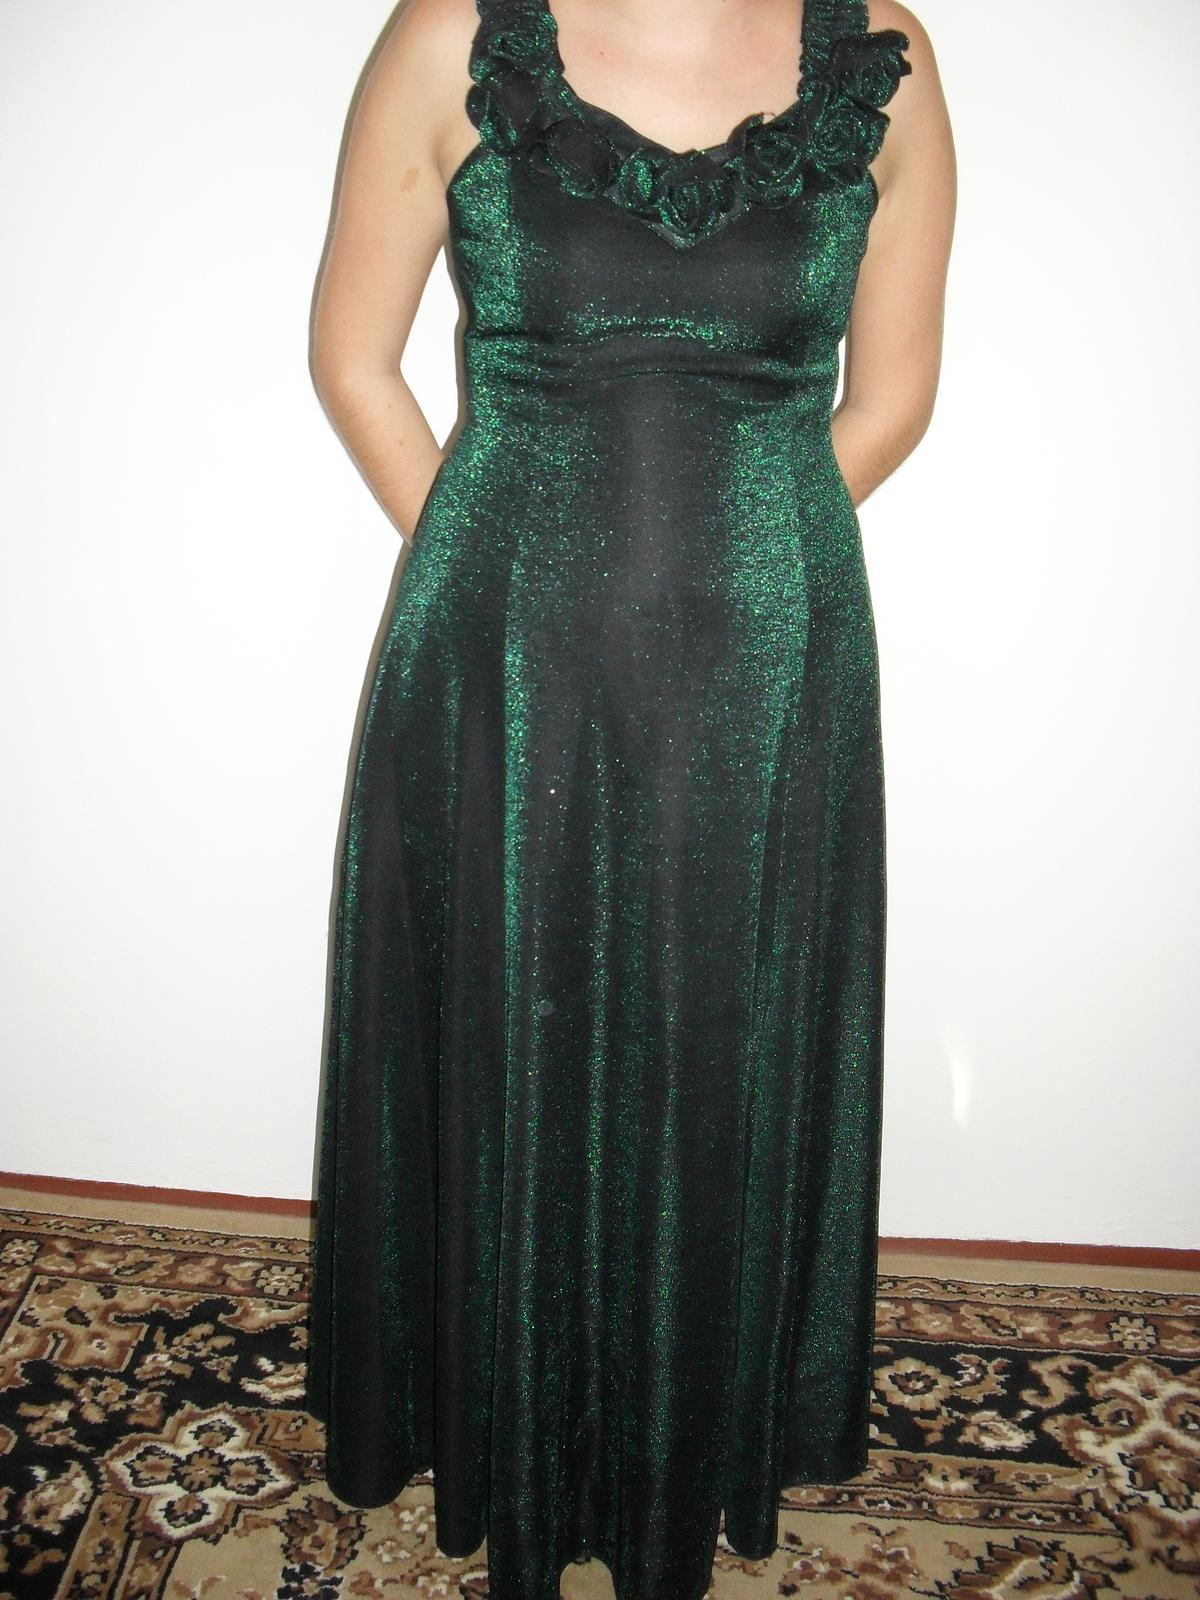 Olivovo-zelené šaty s ružičkami 13fa4653ad6